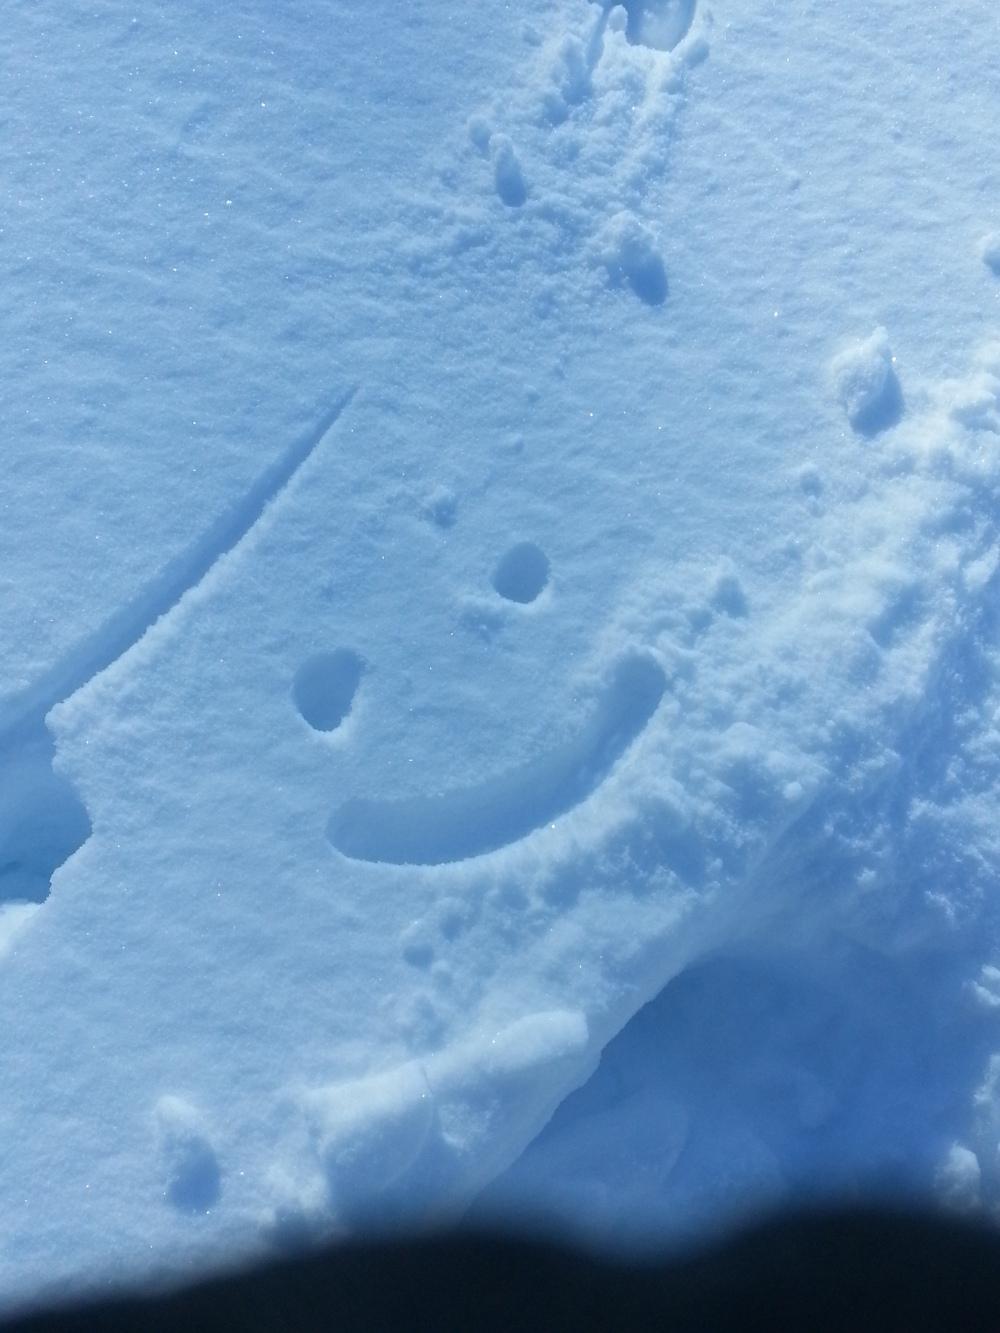 Smiley Face Snow